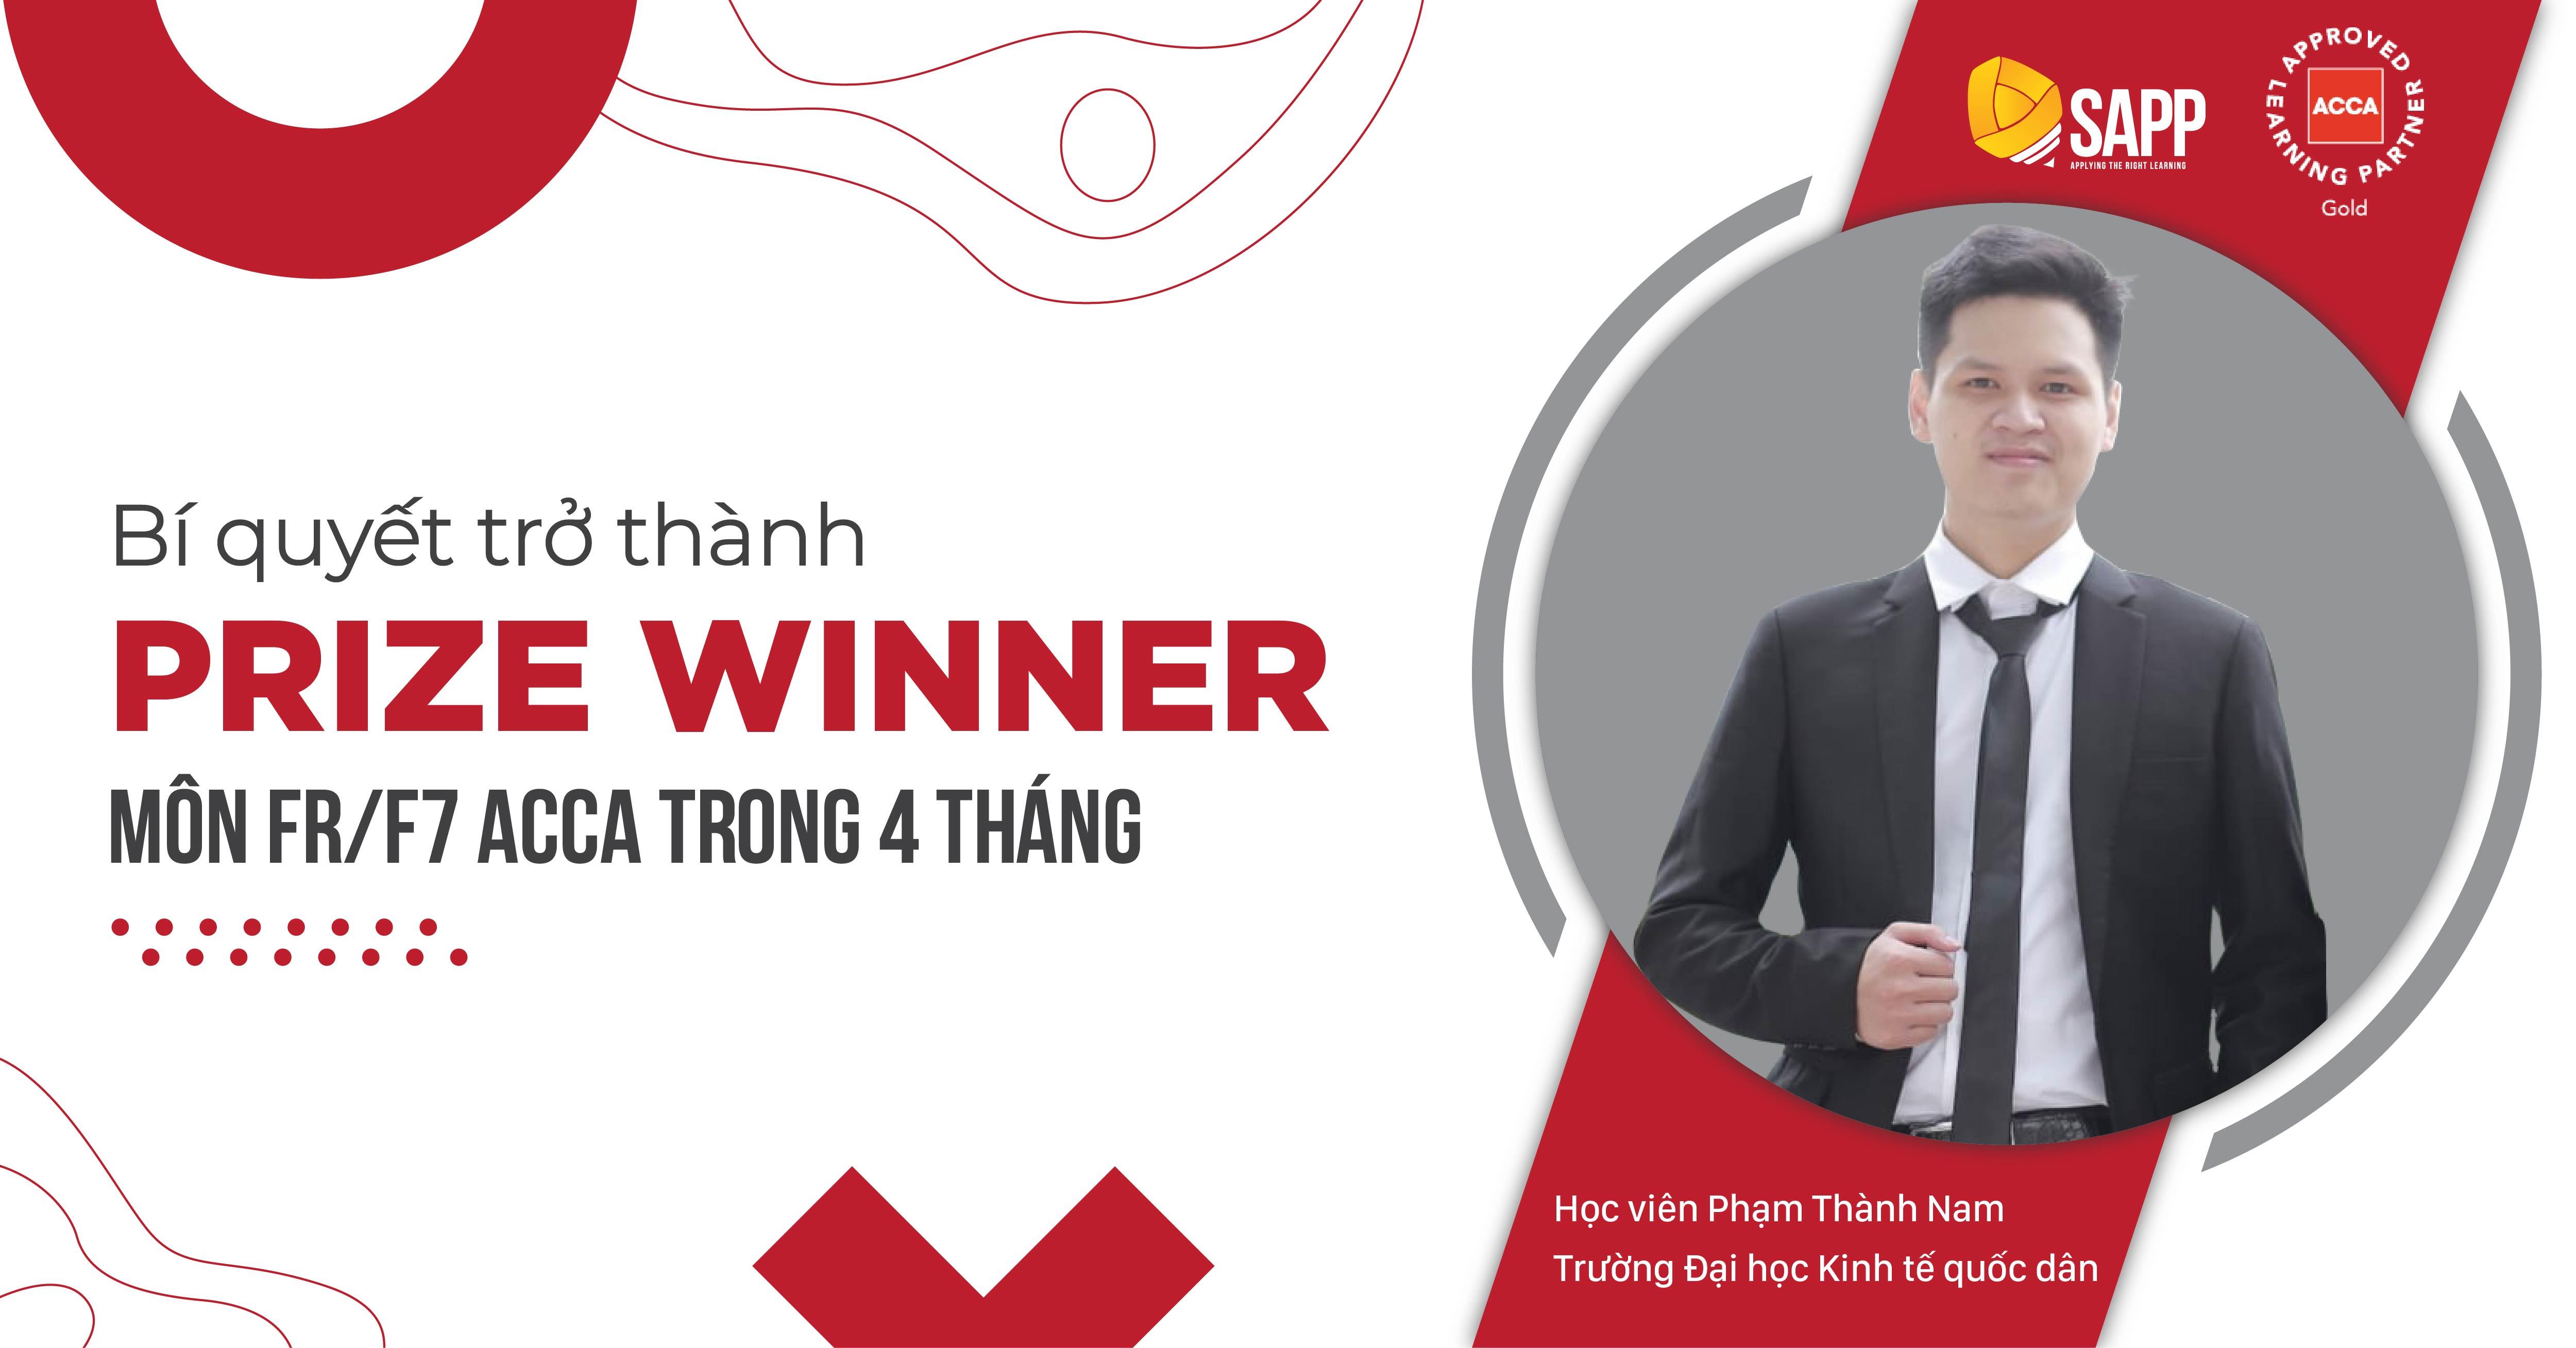 Bí quyết trở thành Prize Winner môn FR/F7 ACCA trong 4 tháng